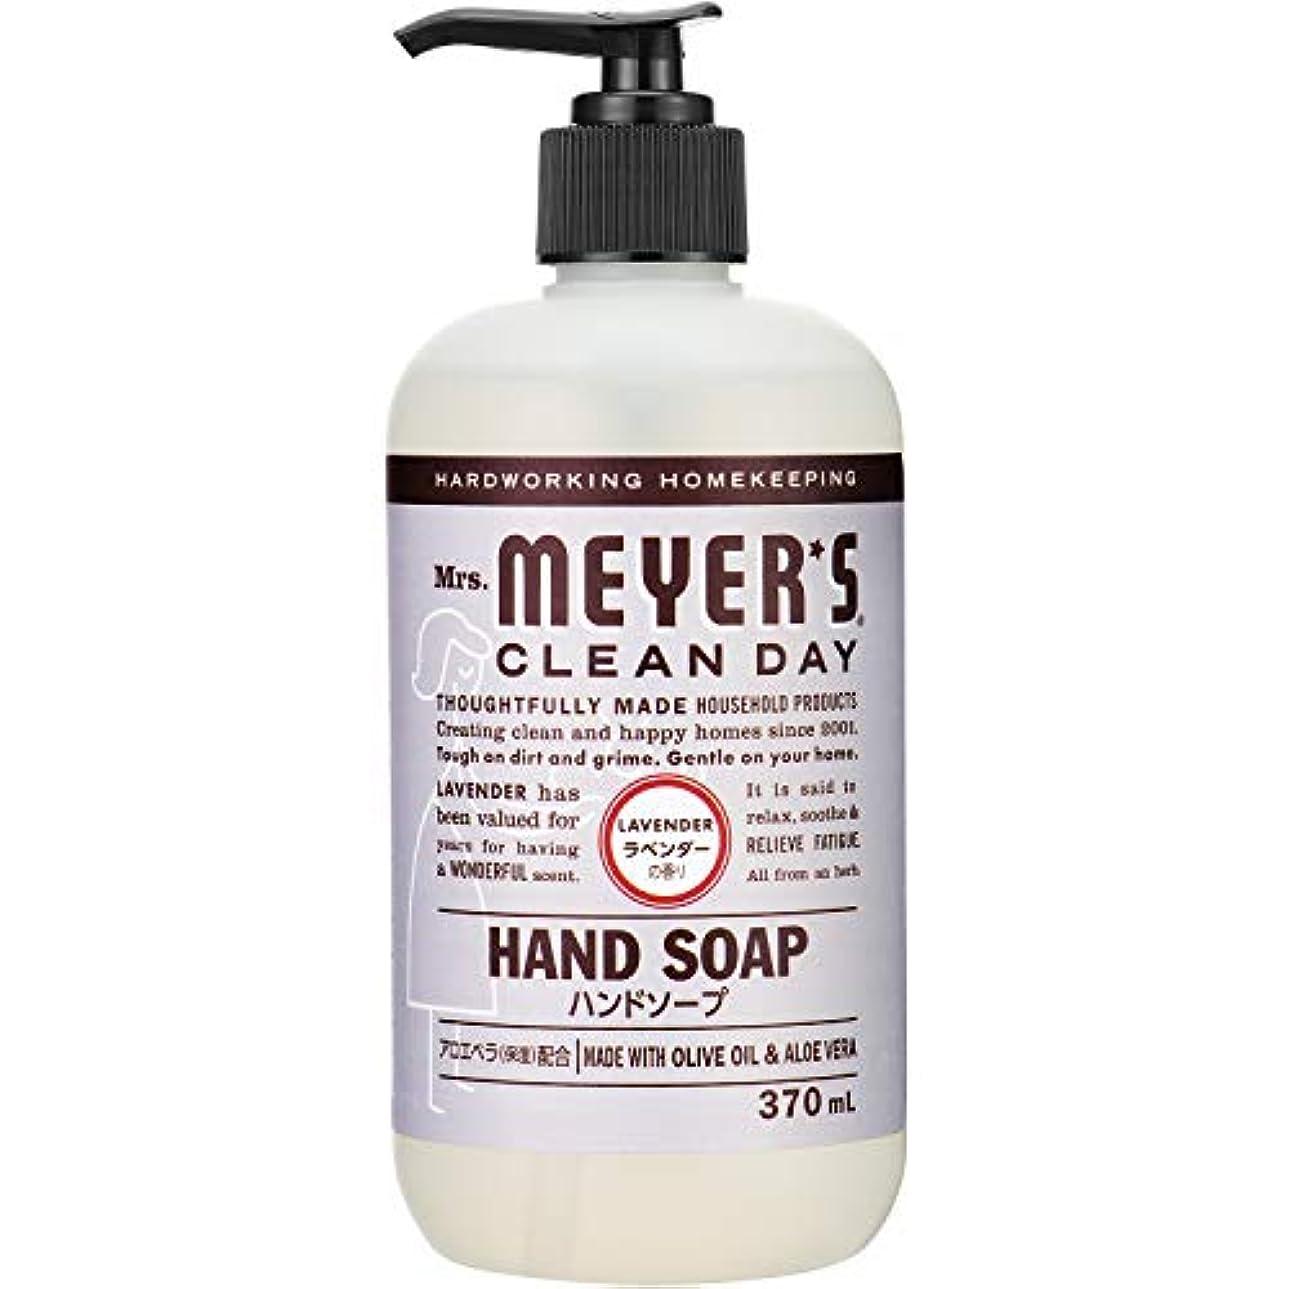 安西スカイヘッジMrs. MEYER'S CLEAN DAY(ミセスマイヤーズ クリーンデイ) ミセスマイヤーズ クリーンデイ(Mrs.Meyers Clean Day) ハンドソープ ラベンダーの香り 370ml